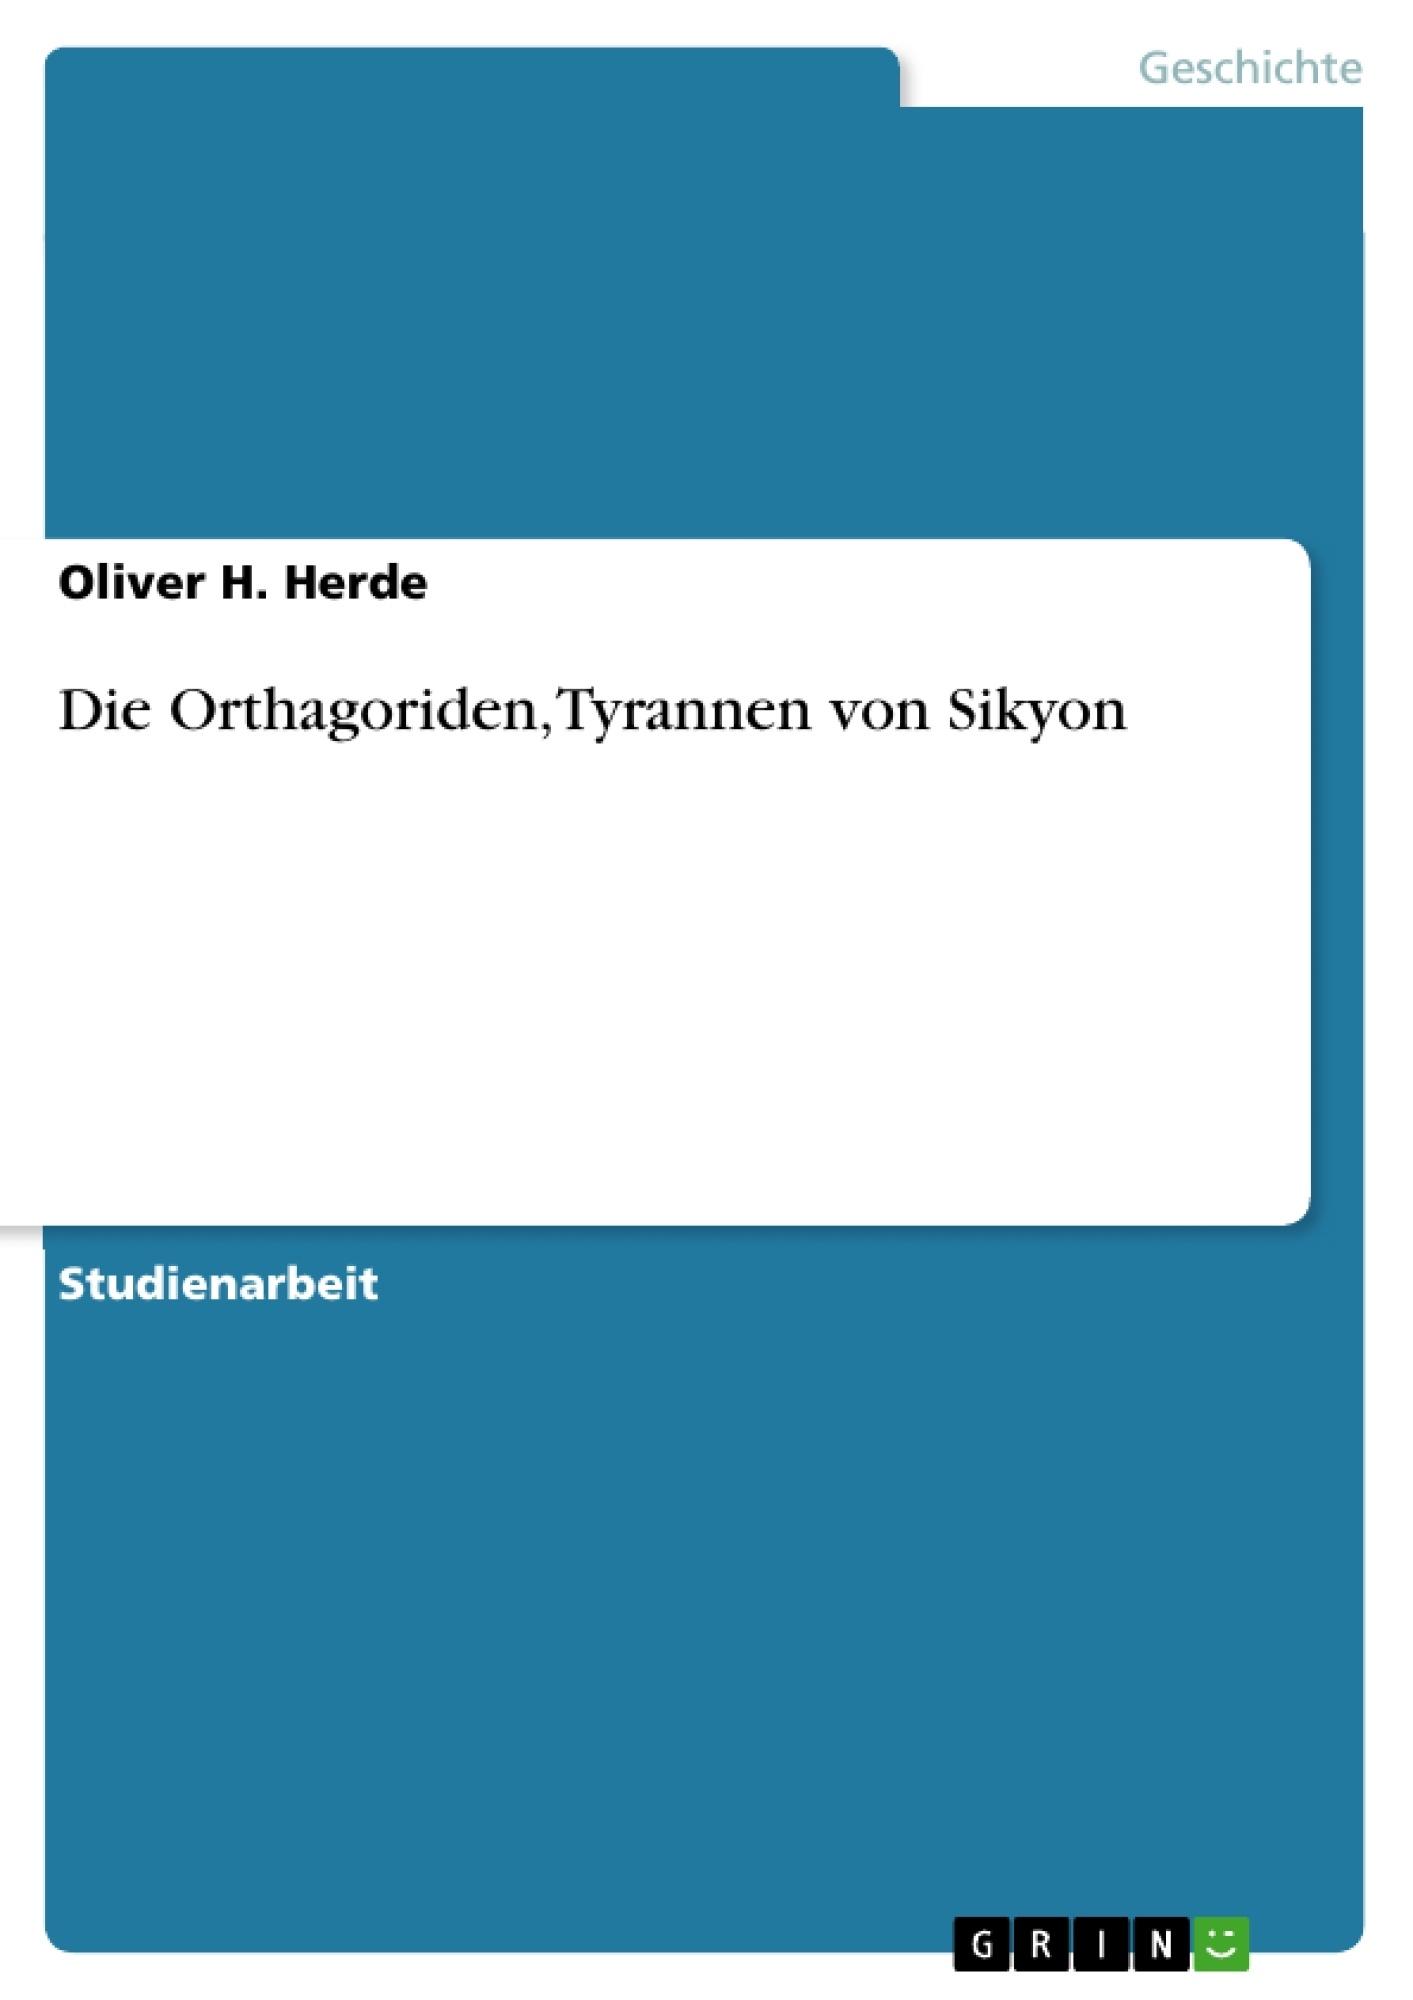 Titel: Die Orthagoriden, Tyrannen von Sikyon